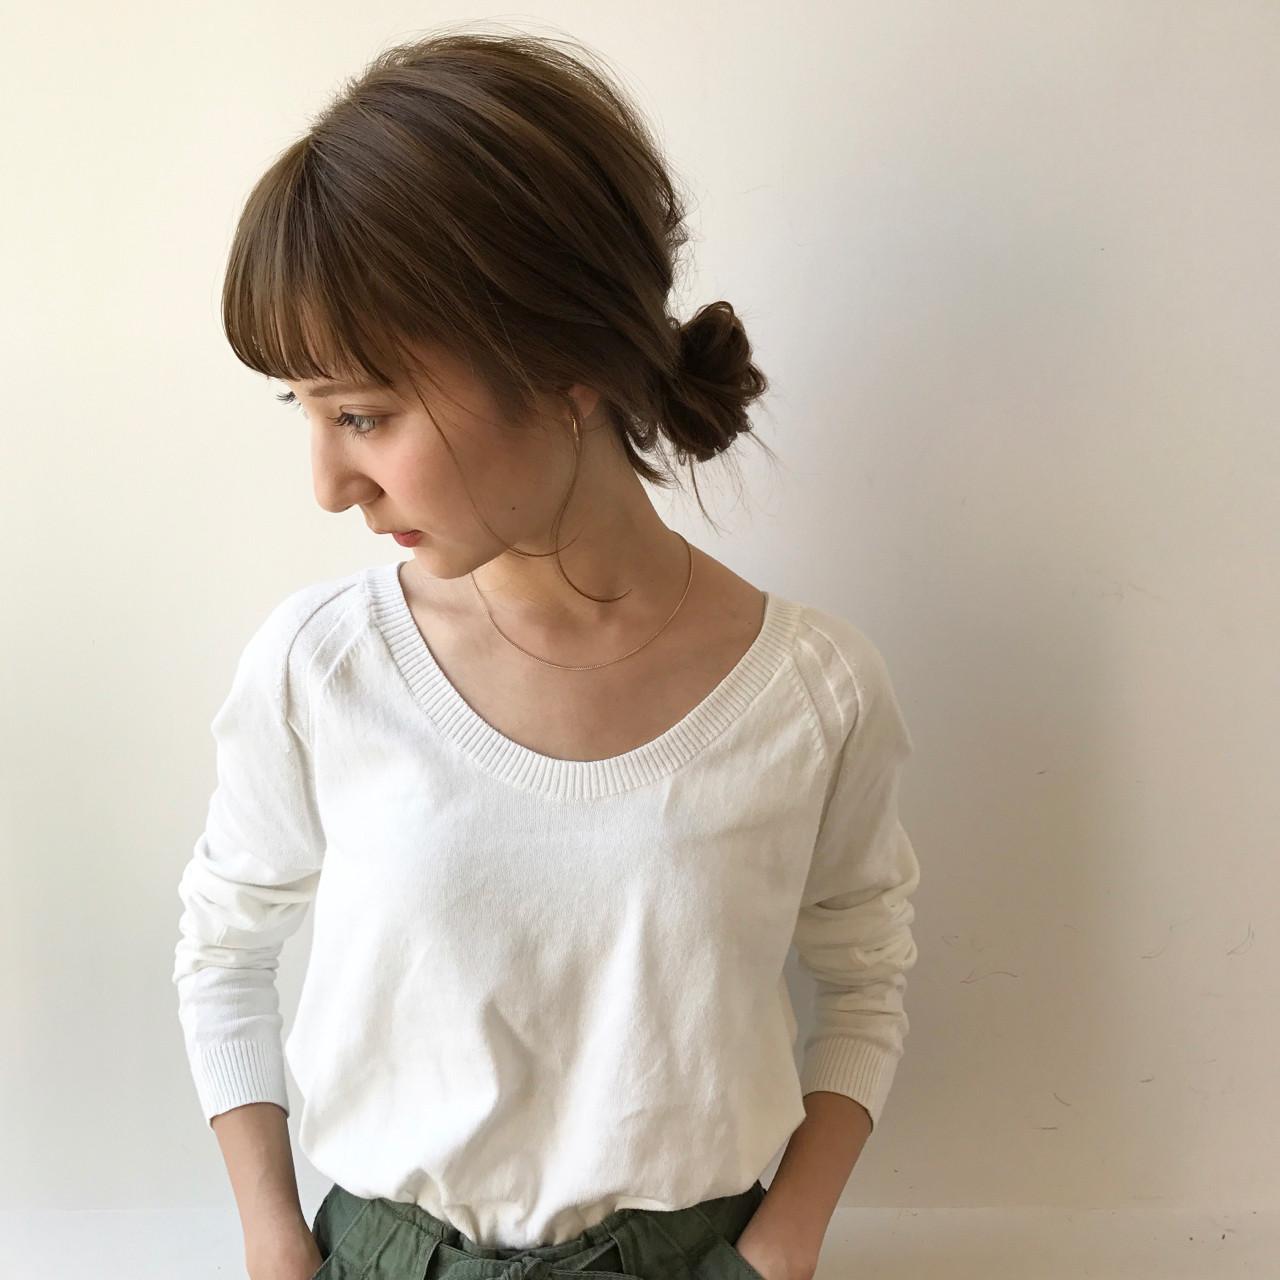 ミルクティー ミディアム ナチュラル 斜め前髪 ヘアスタイルや髪型の写真・画像